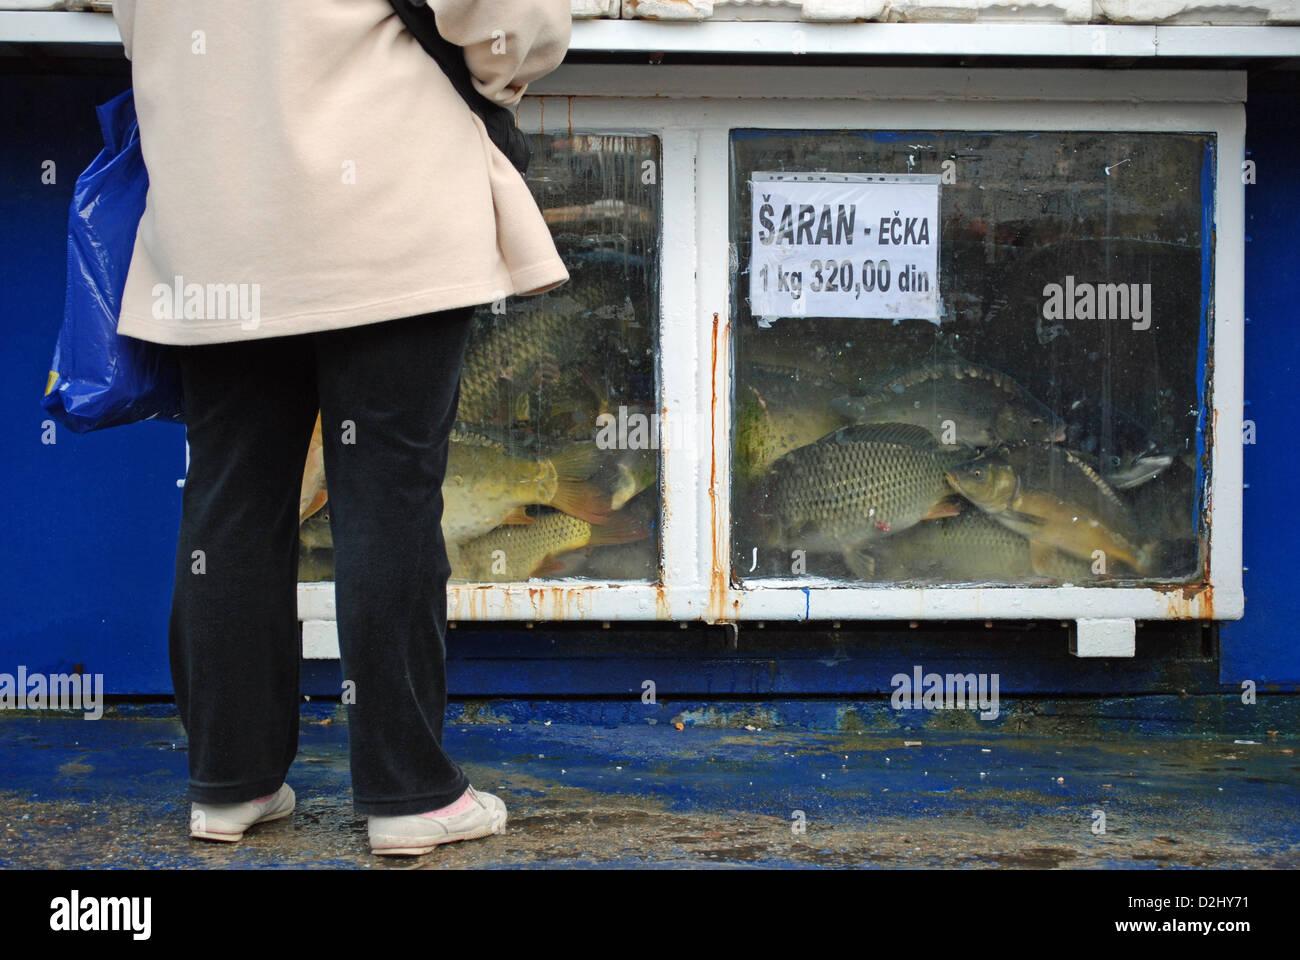 Angler fish eating stock photos angler fish eating stock for Angler fish for sale